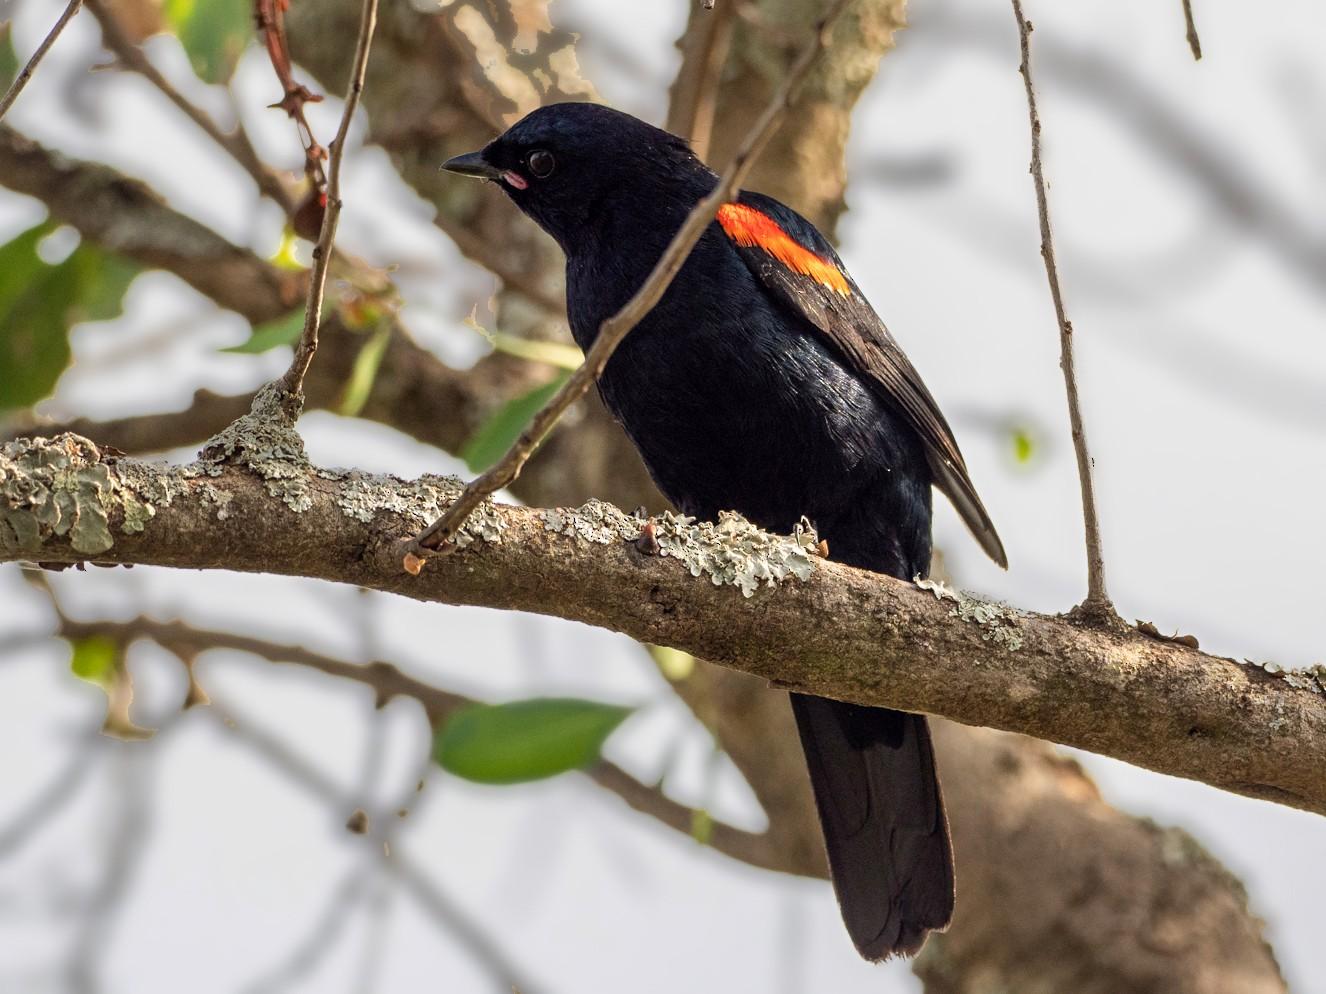 Red-shouldered Cuckooshrike - Forest Jarvis